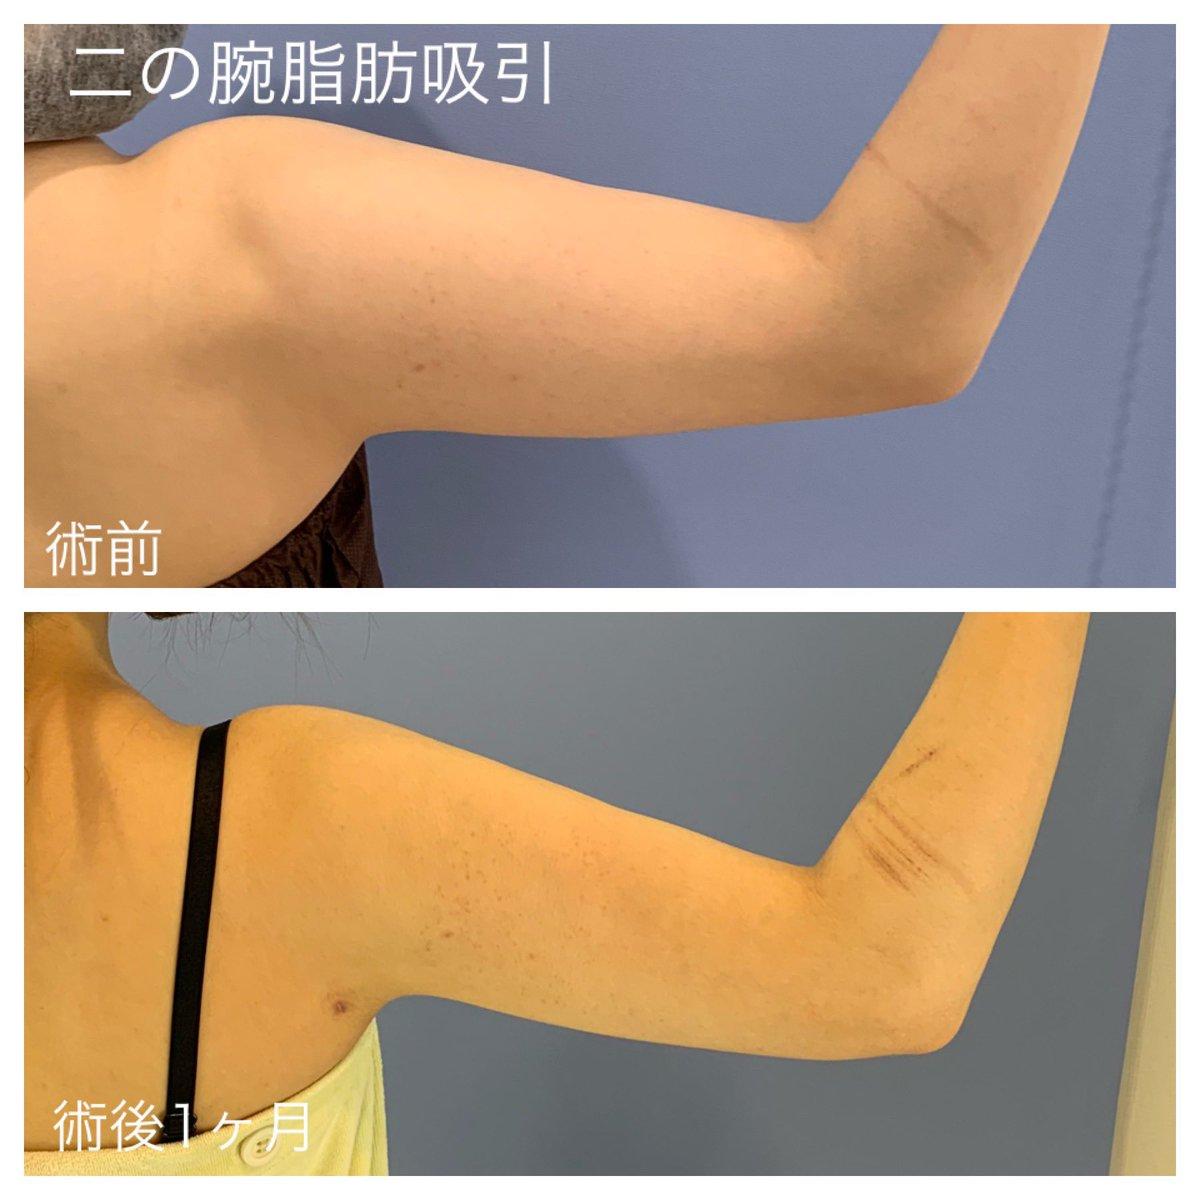 二の腕 整形